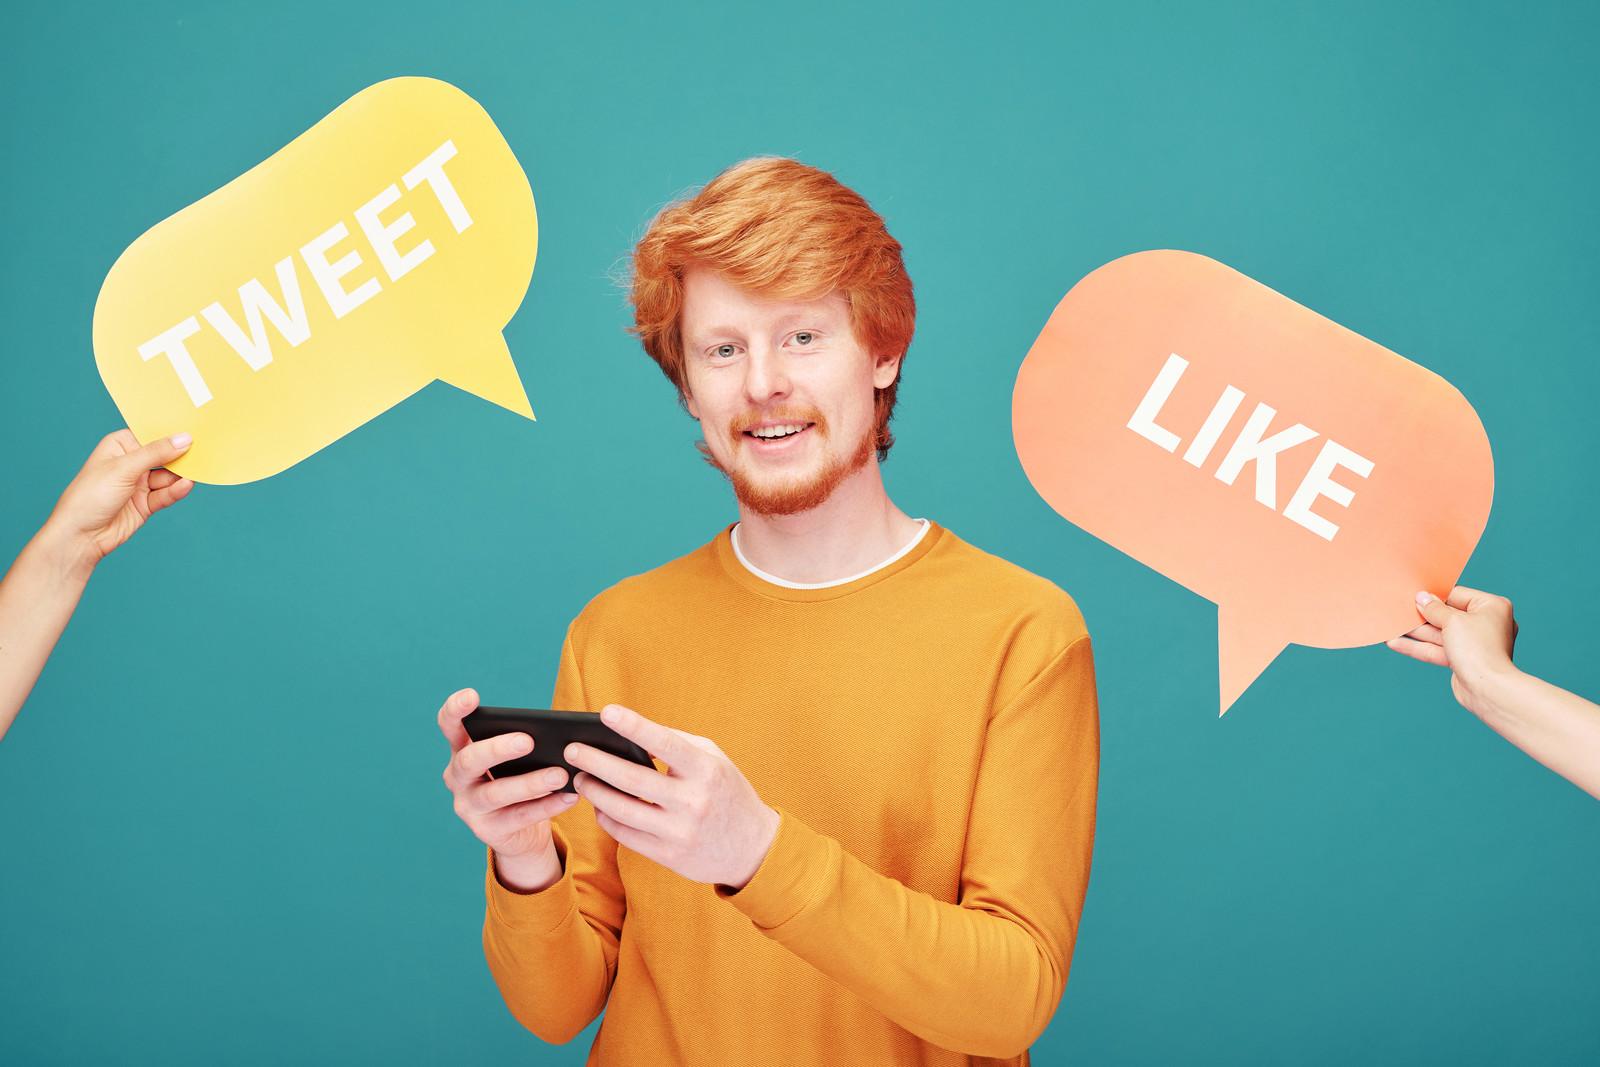 comportements insupportables sur les réseaux sociaux